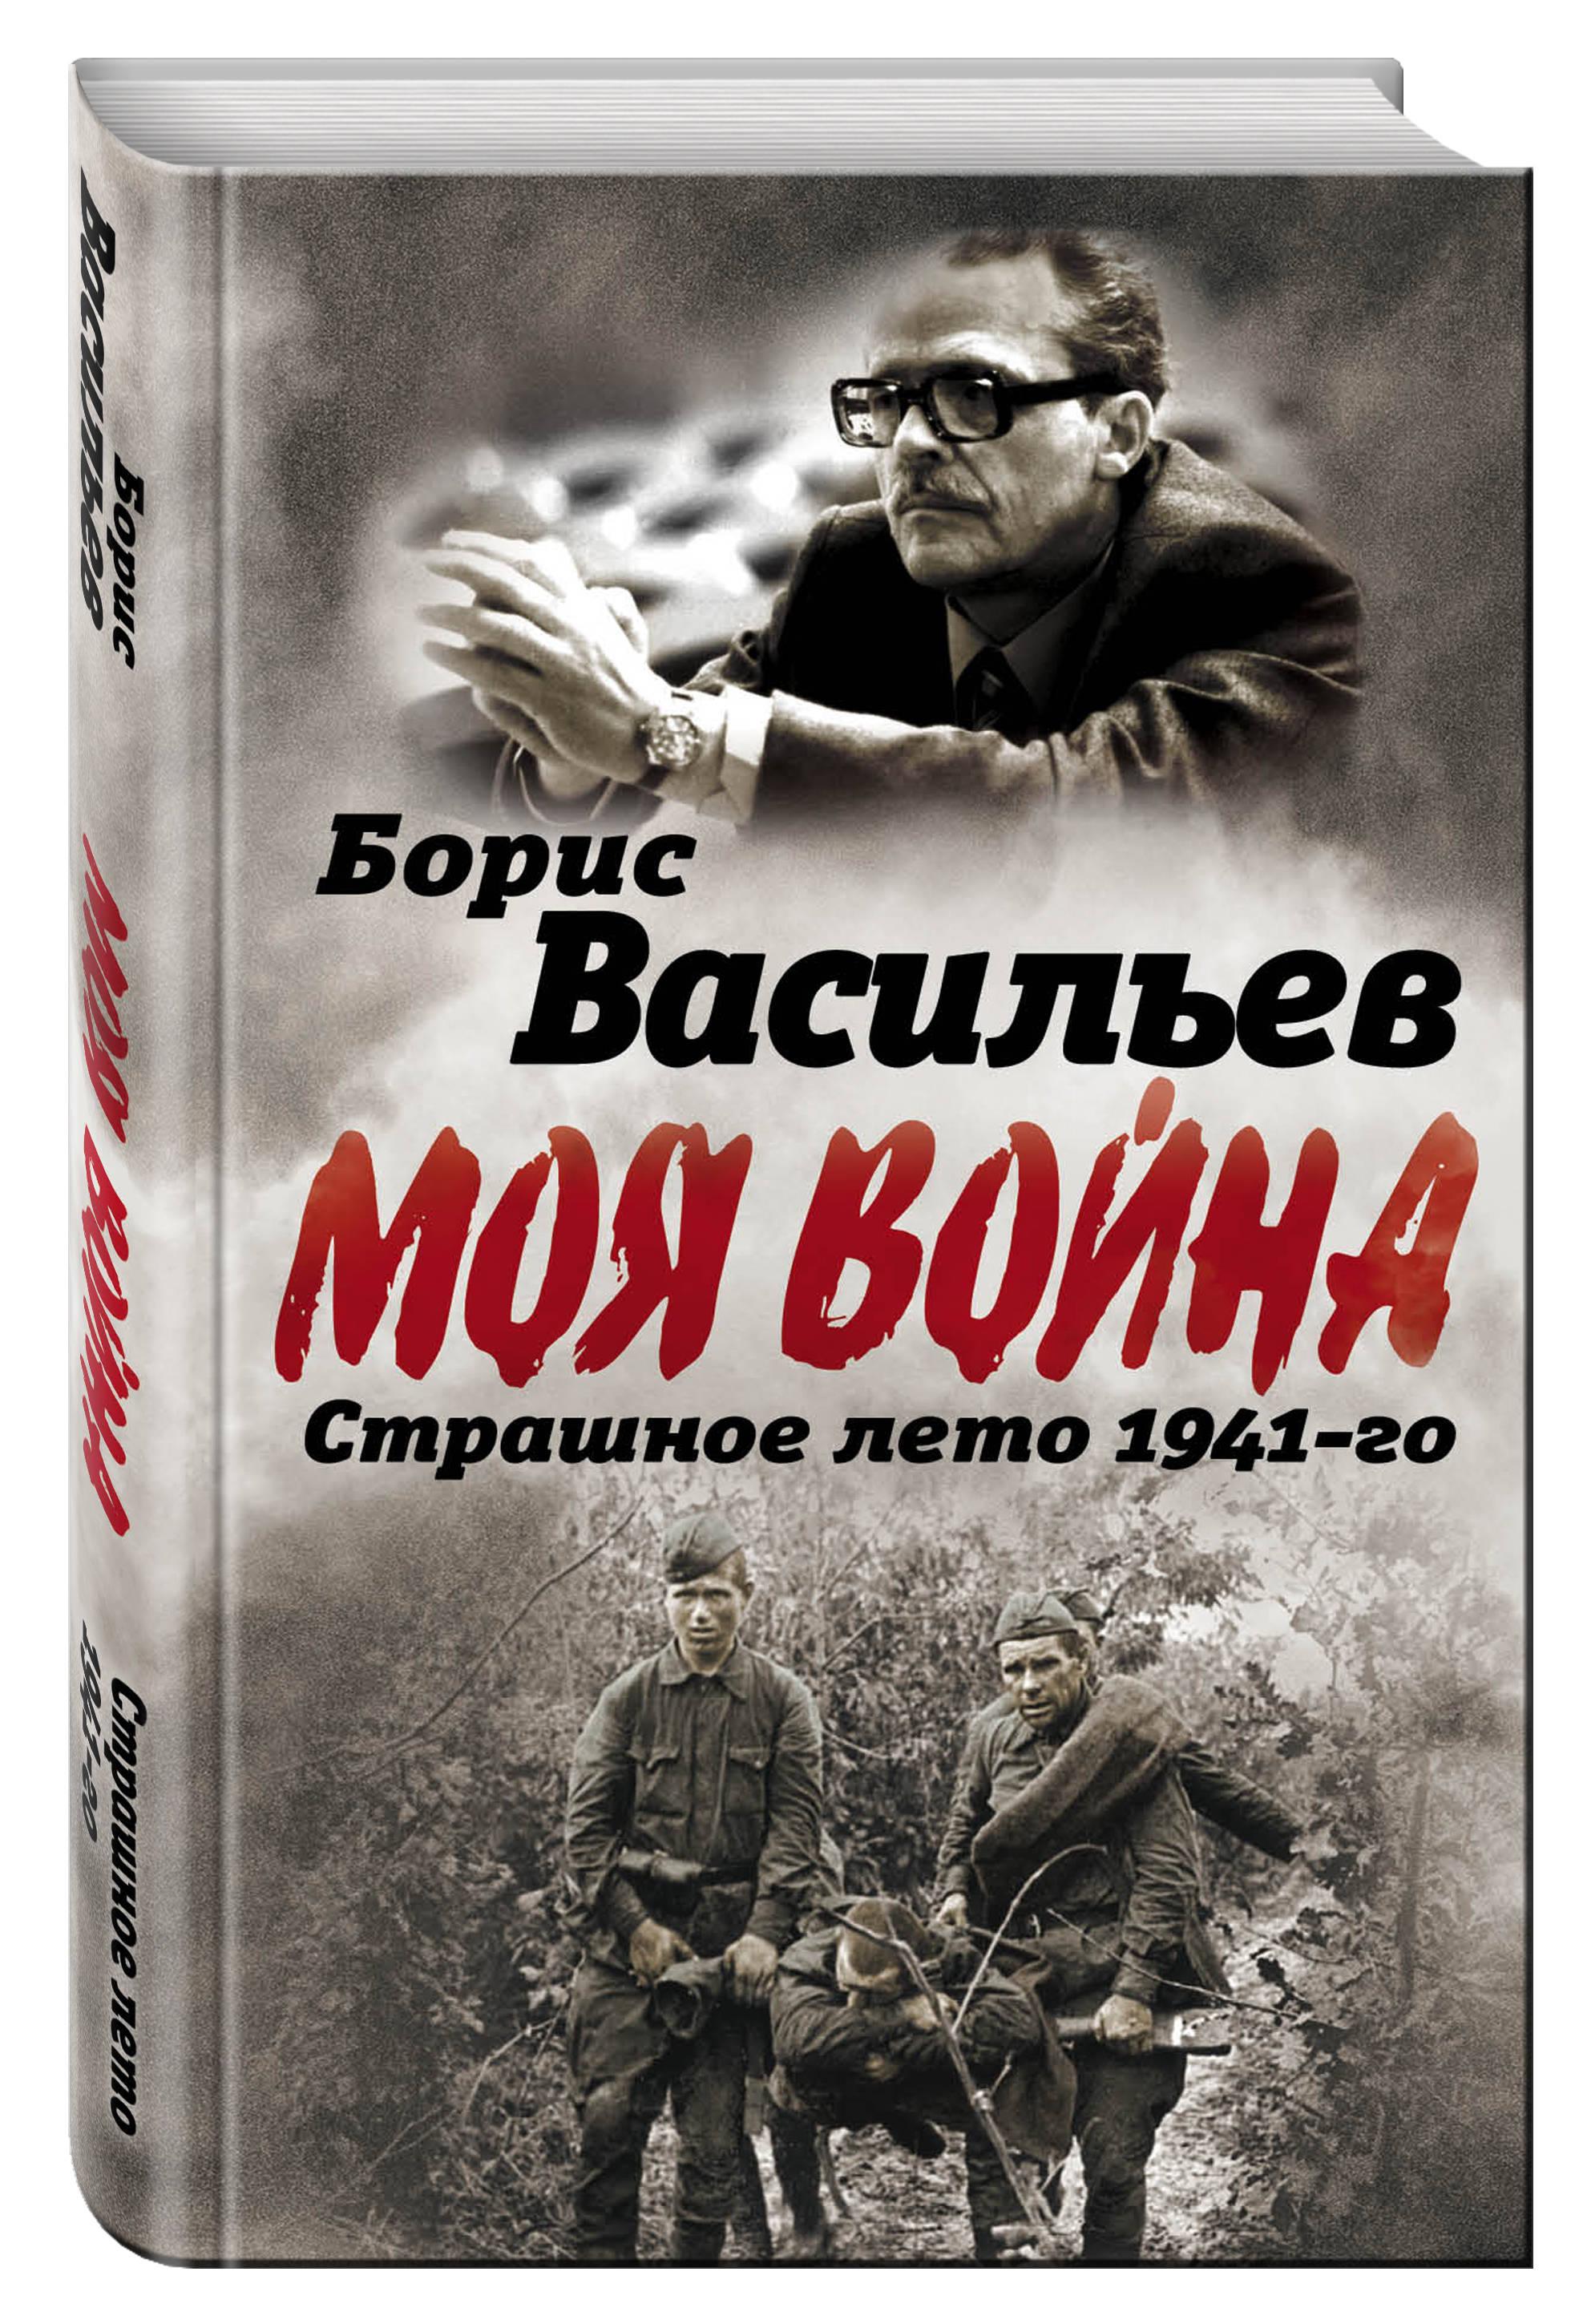 Васильев Б.Л. В окружении. Страшное лето 1941-го